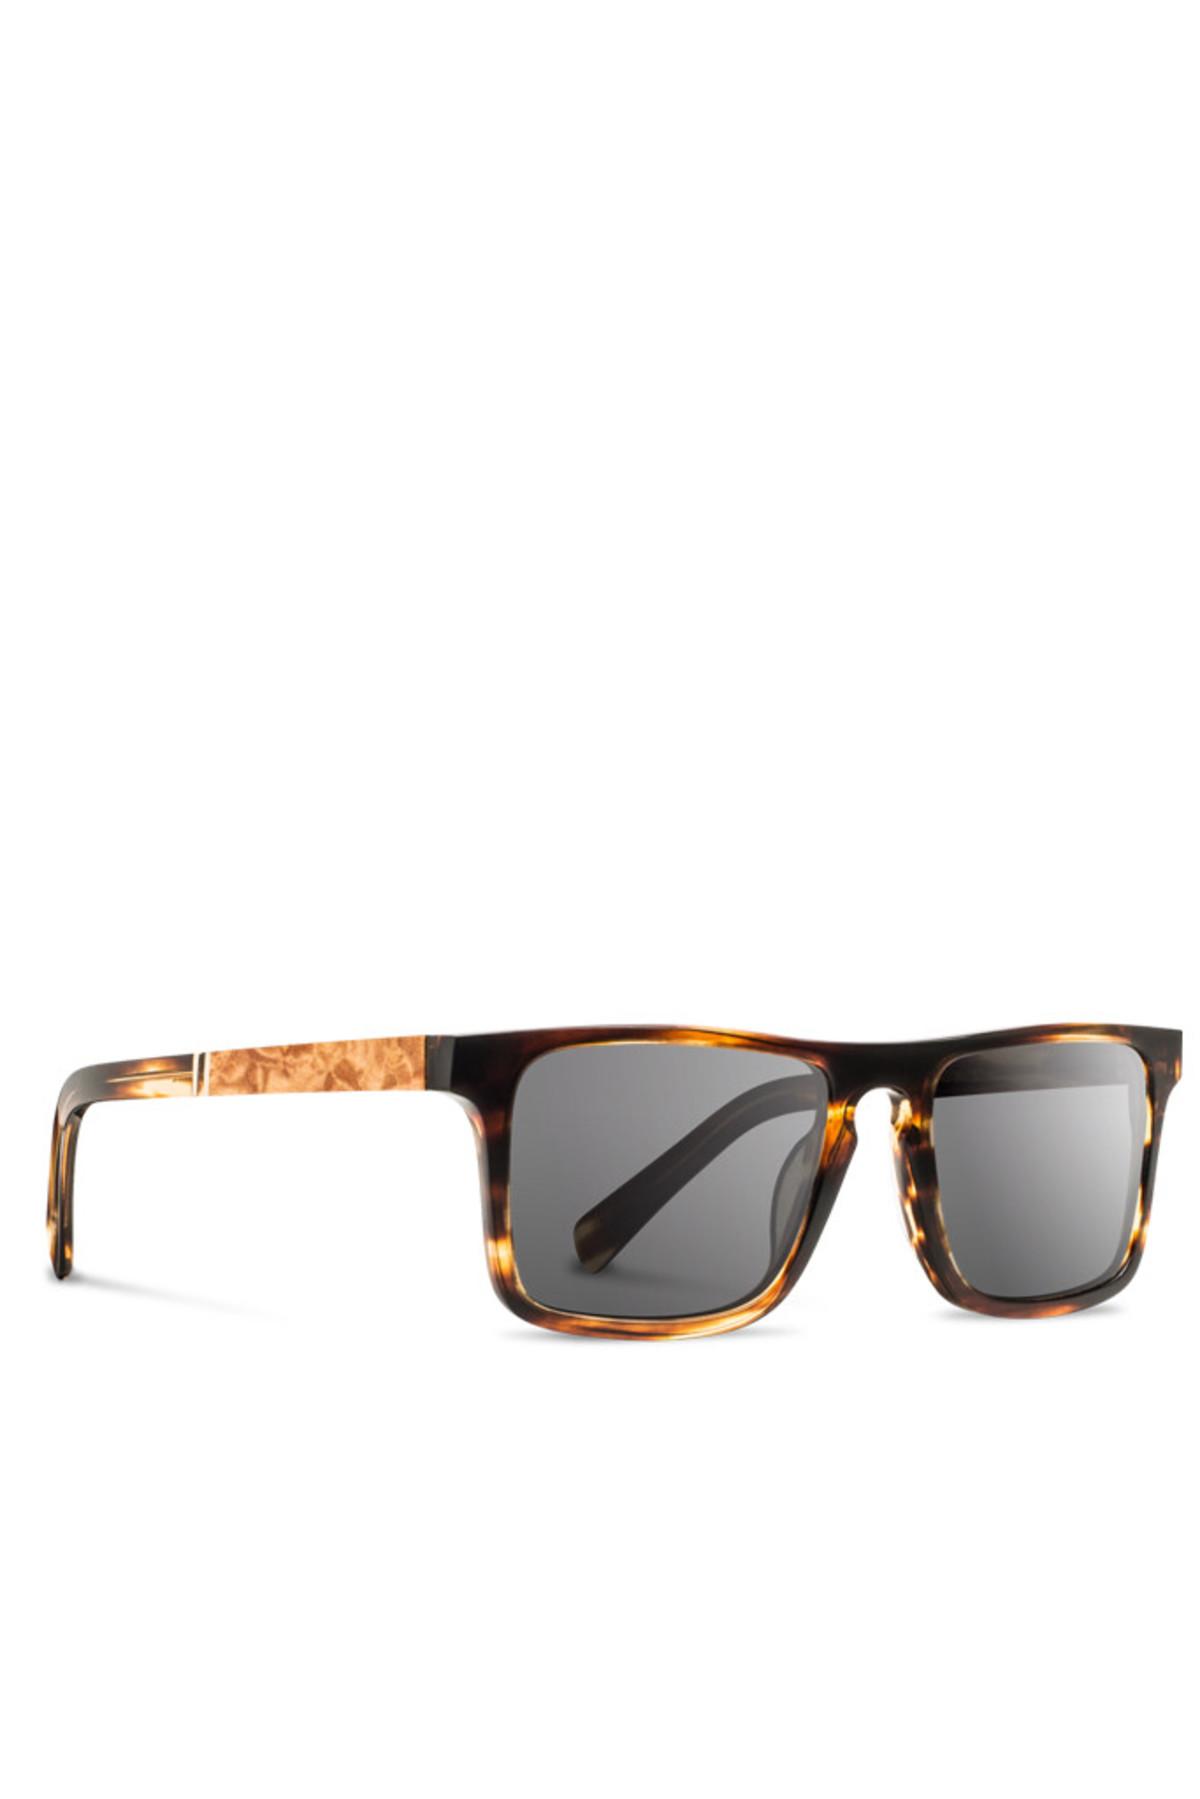 Unisex Shwood Govy 2 Sunglasses